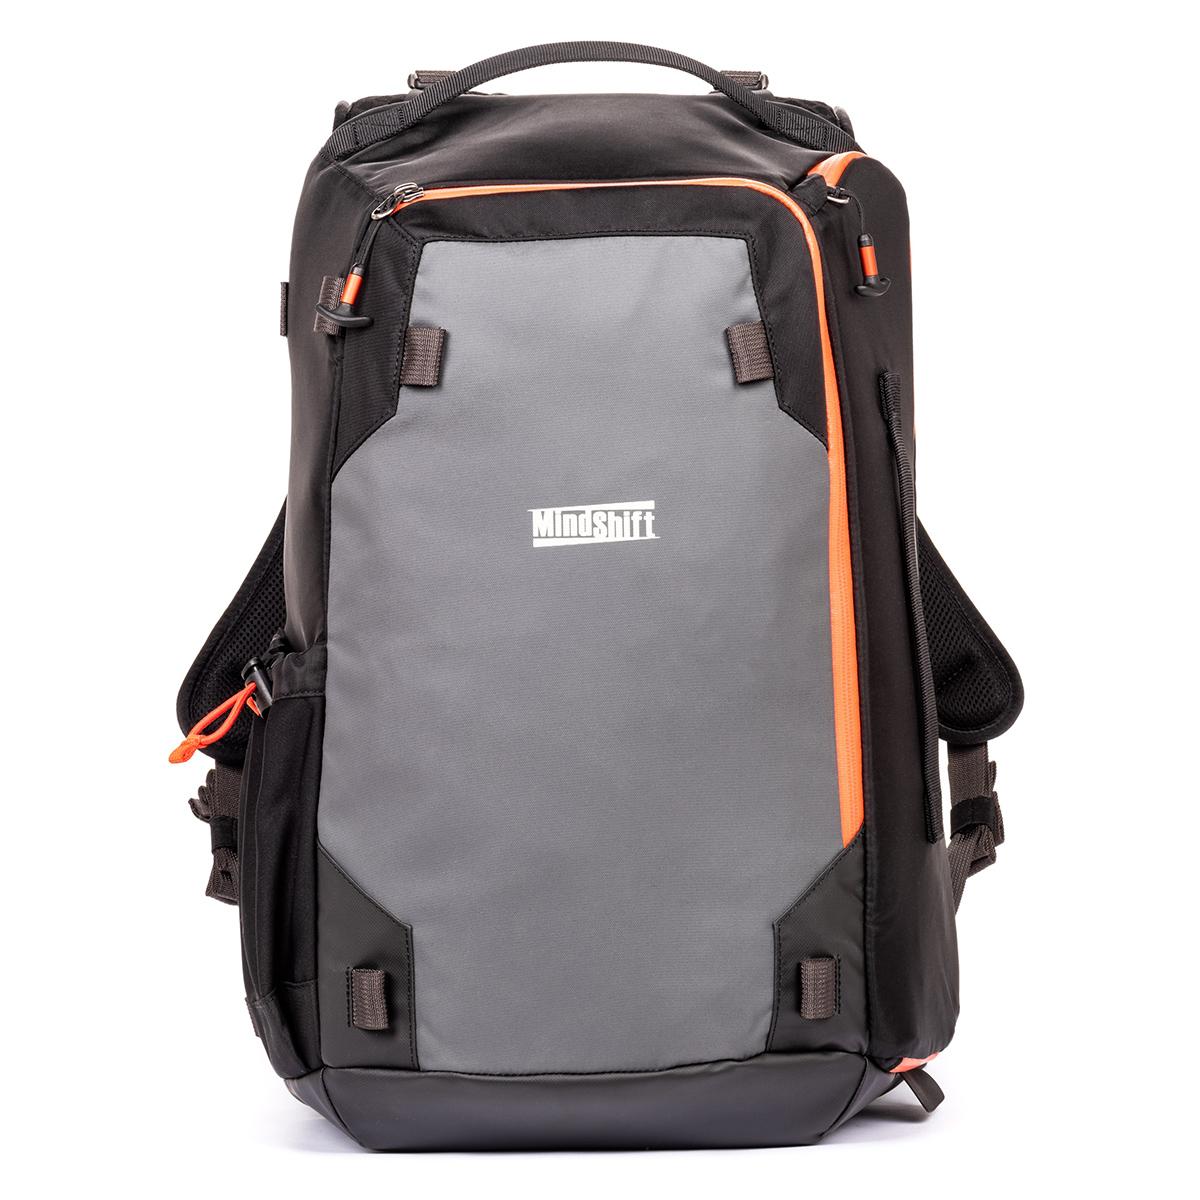 MindShift PhotoCross 15 Orange